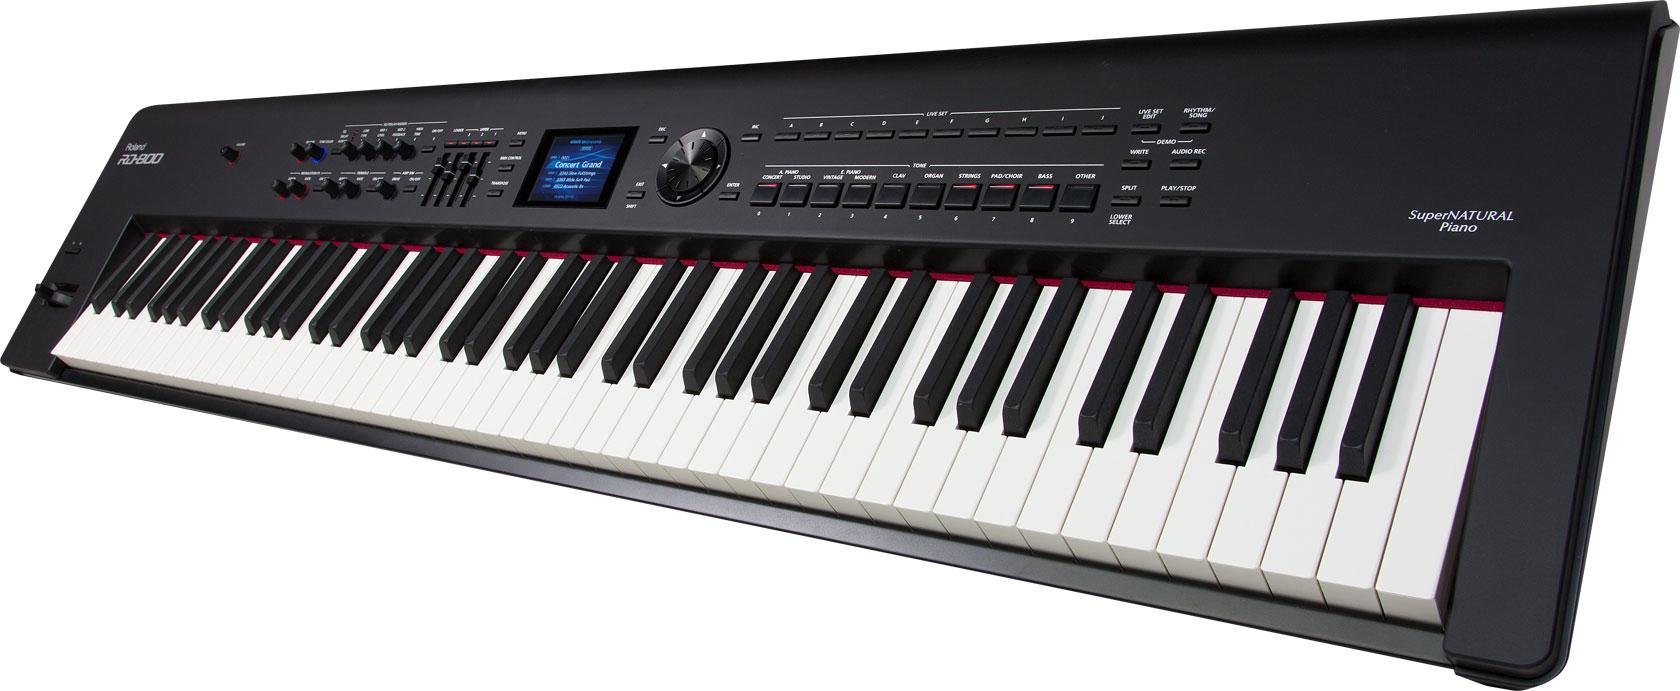 欢迎访问罗兰中文网站 - rd-800   舞台电钢琴